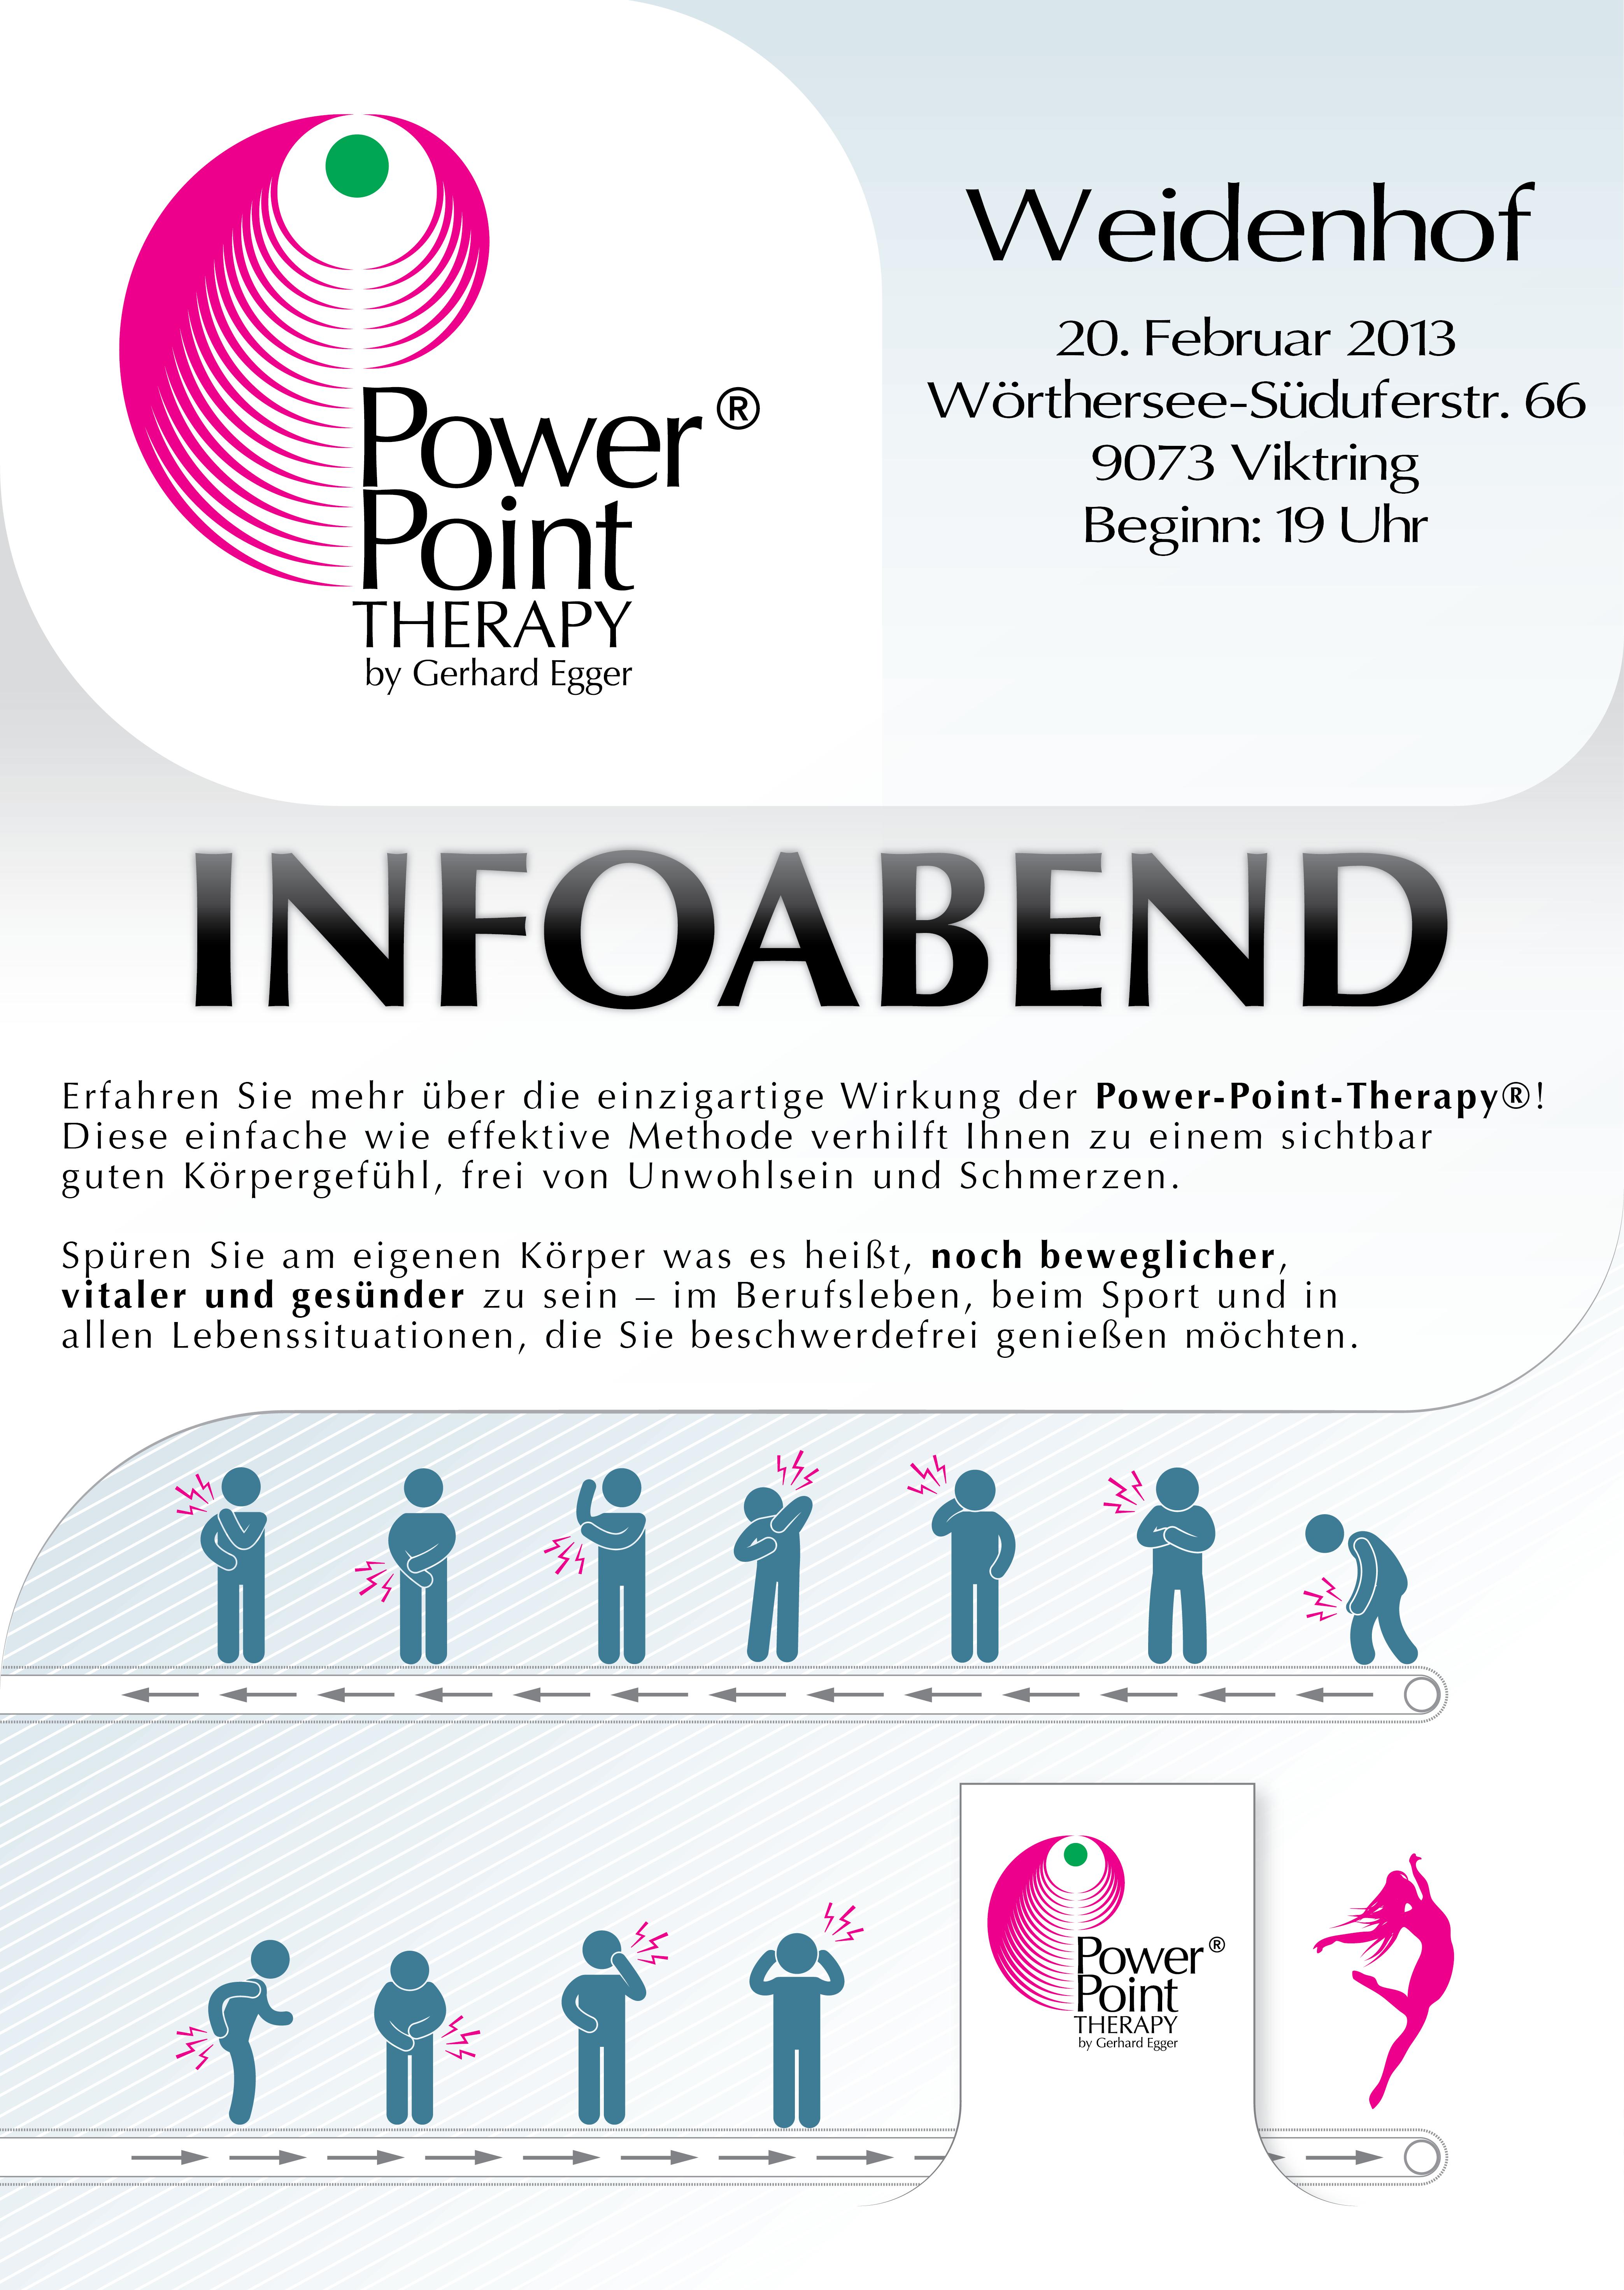 Groß Frei Bewegliche Powerpoint Vorlagen Bilder - Entry Level Resume ...